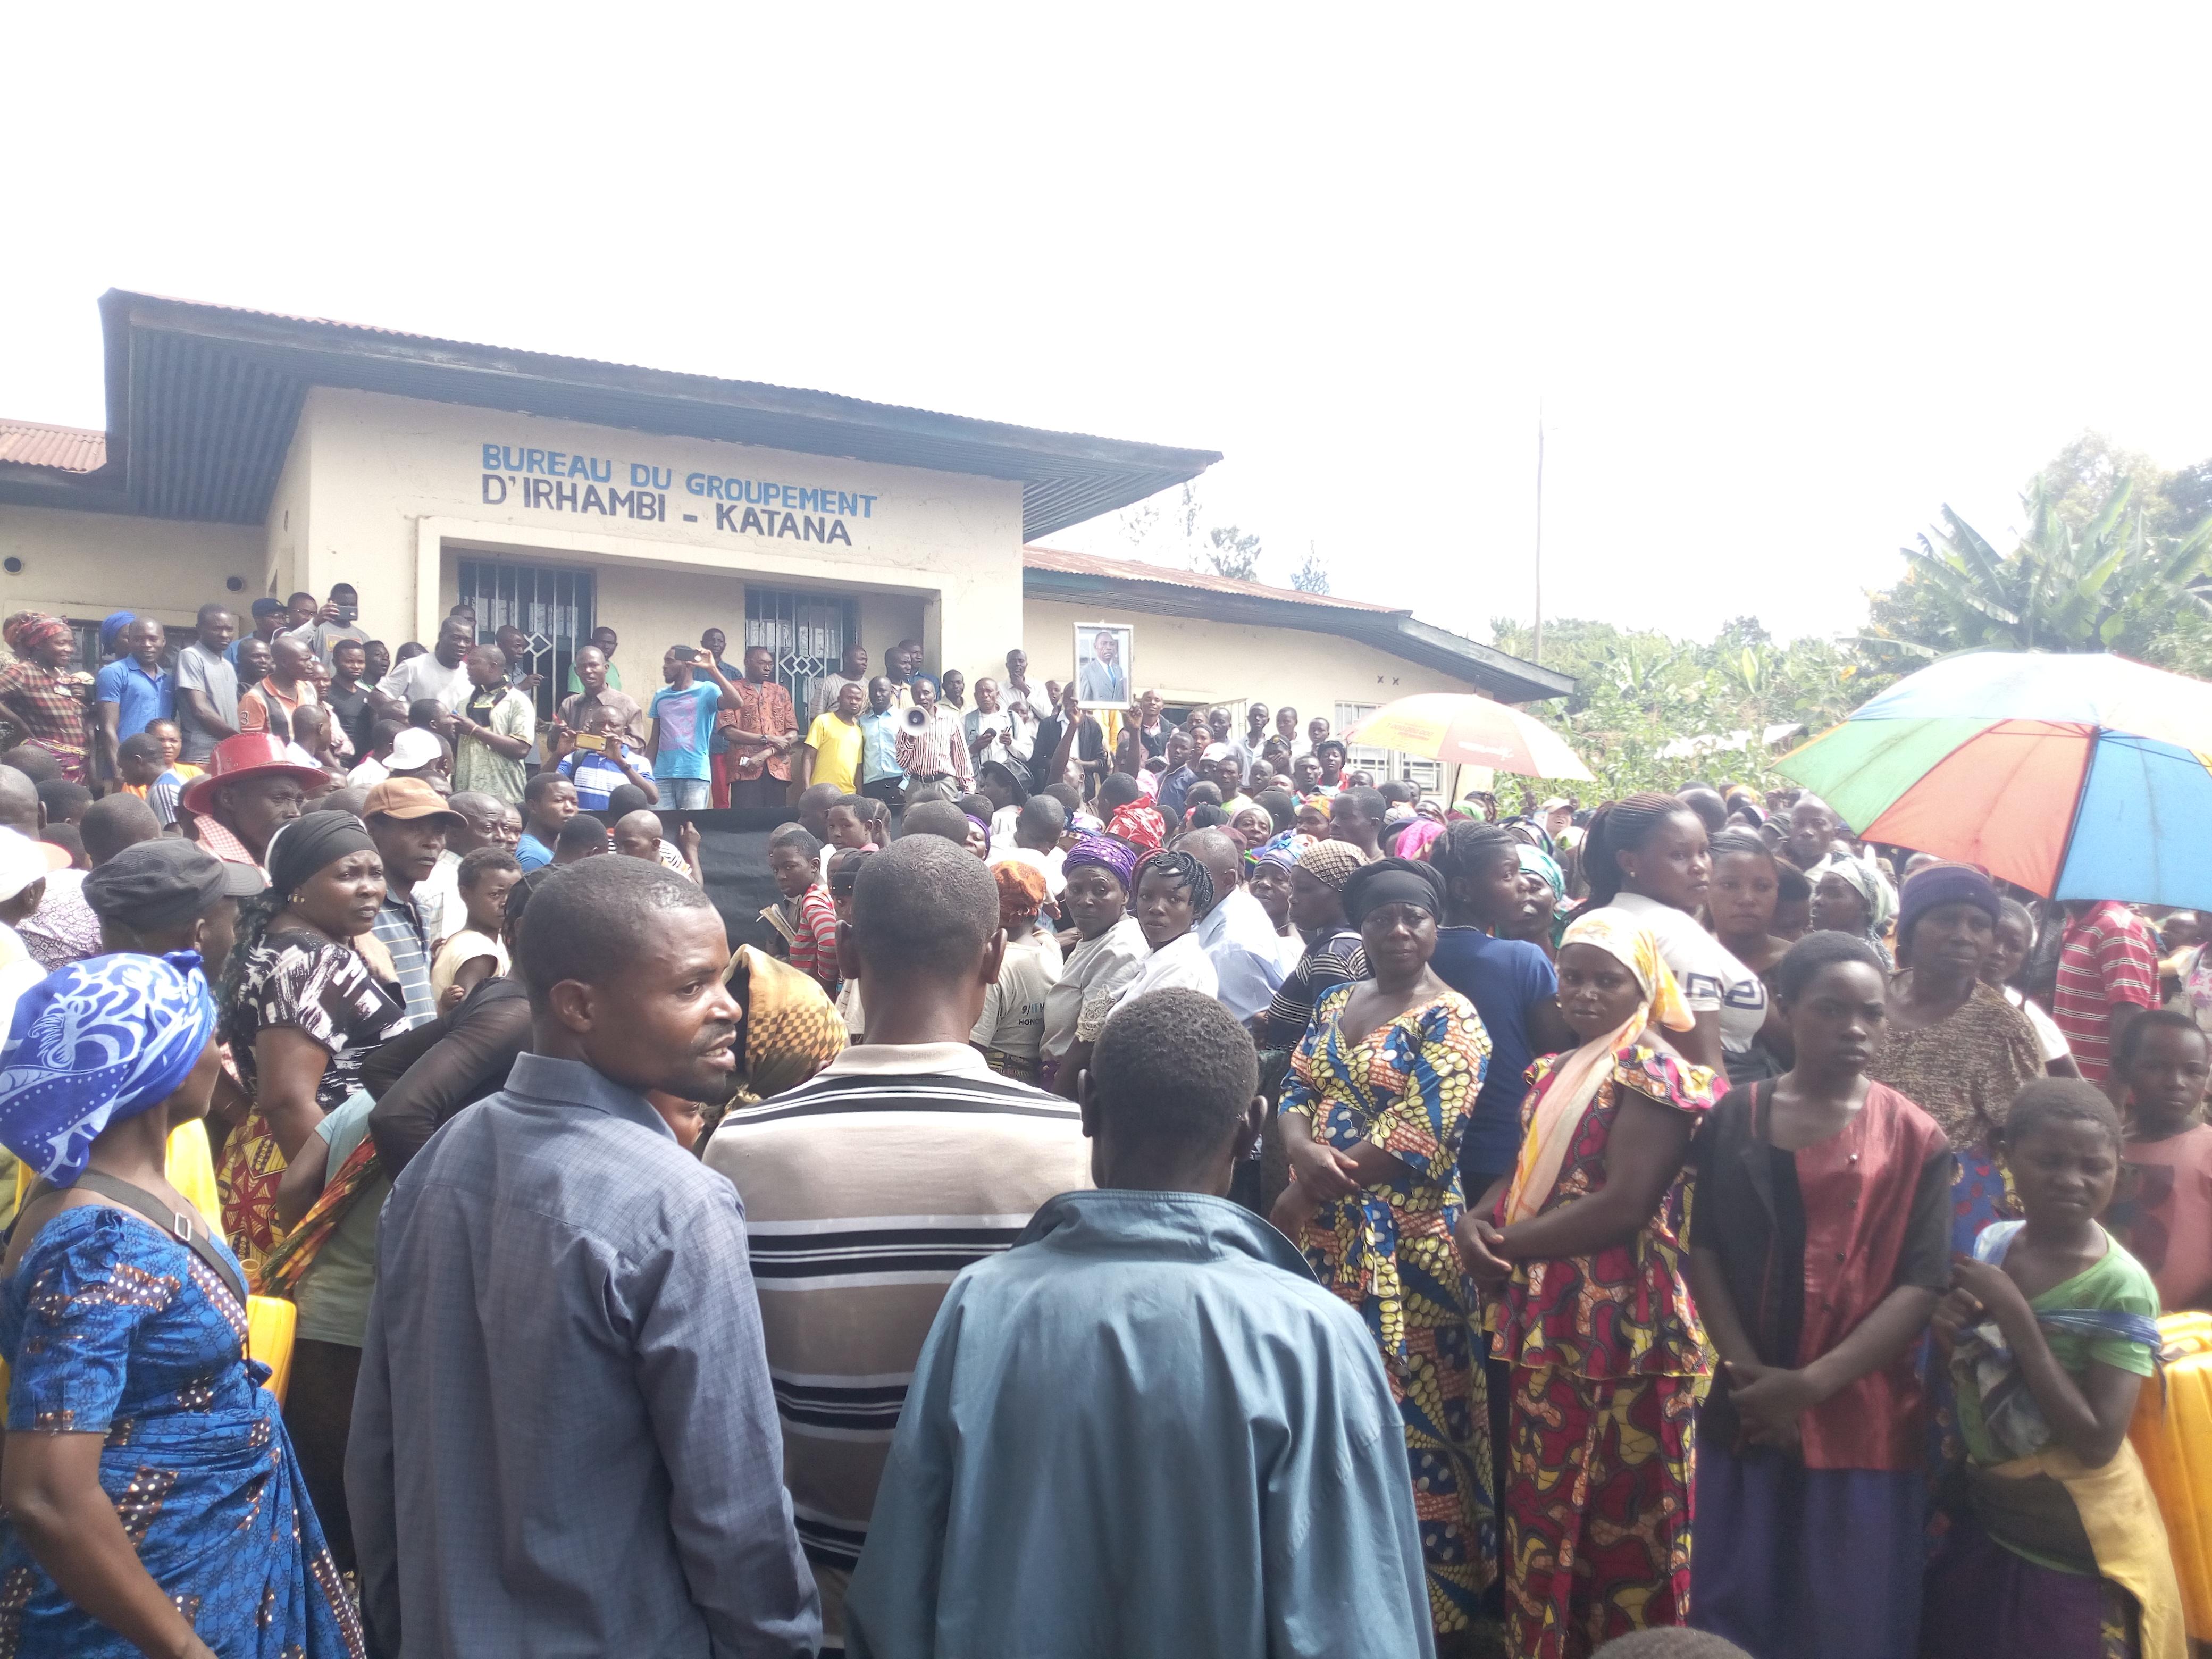 Sud-Kivu : Les habitants de Kabare exigent la réhabilitation du député national Kaningu Faustin